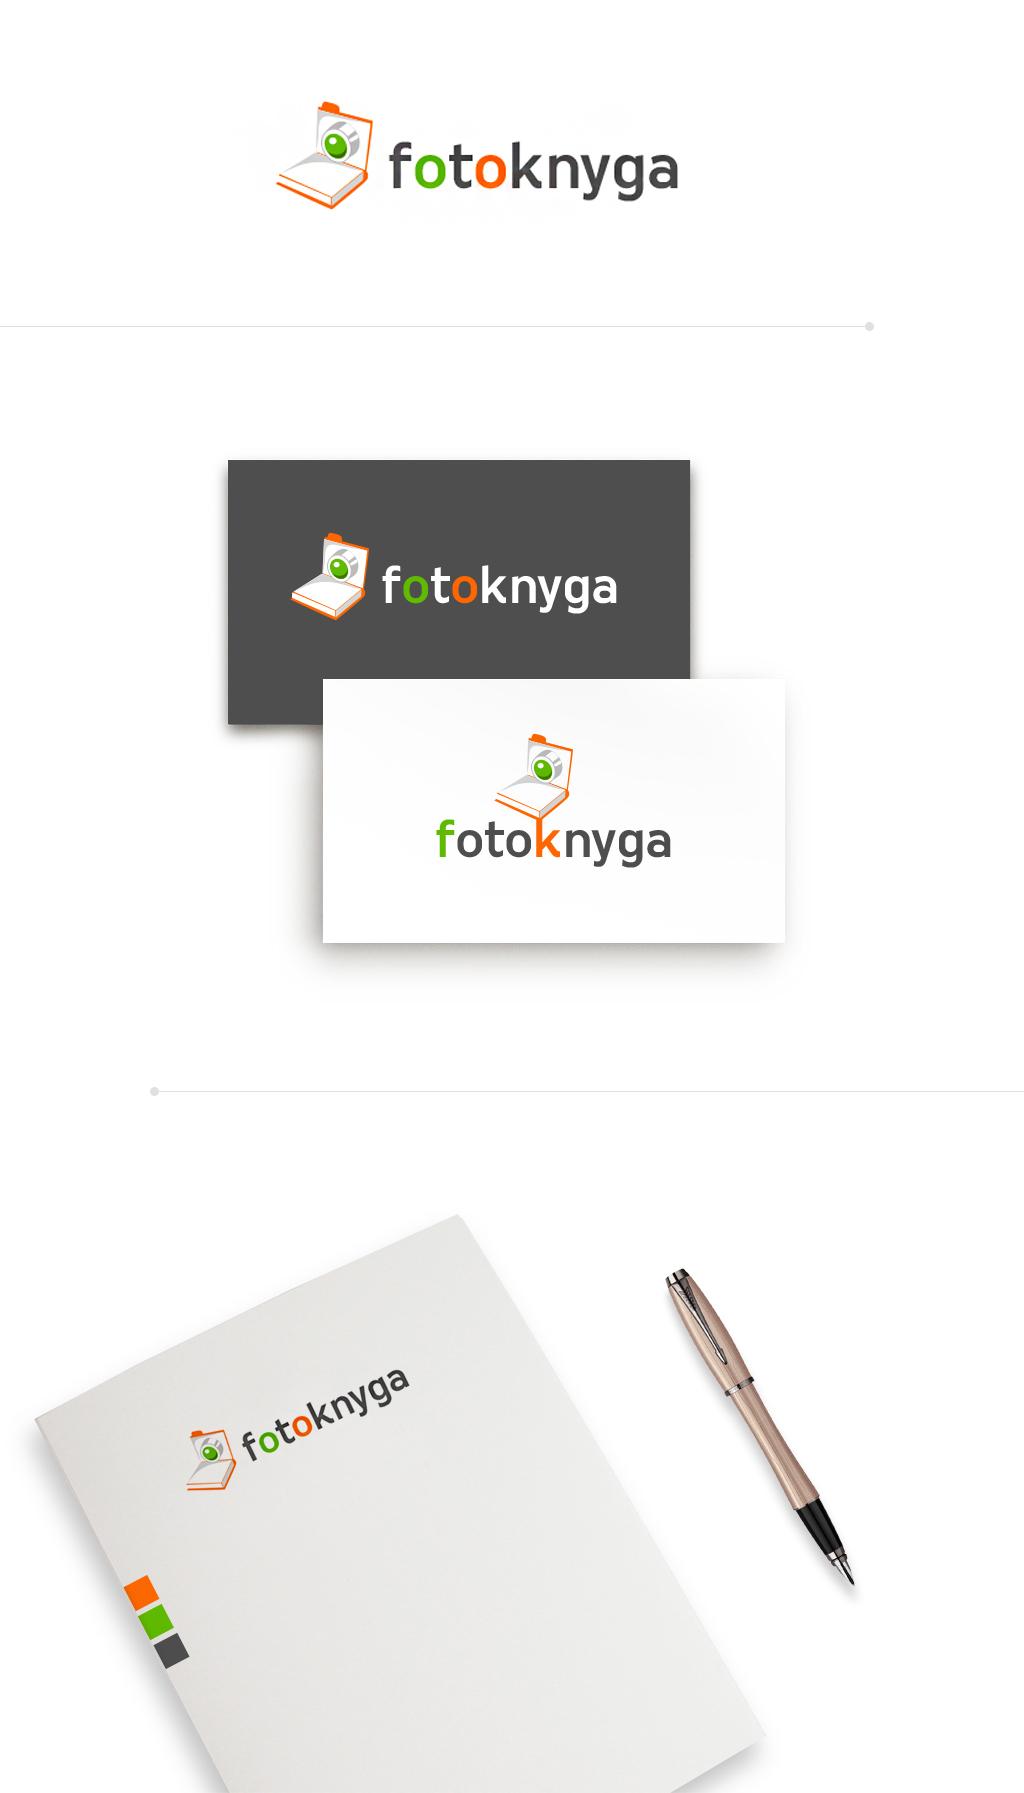 Логотип для компании по созданию фотокниг Fotoknyga